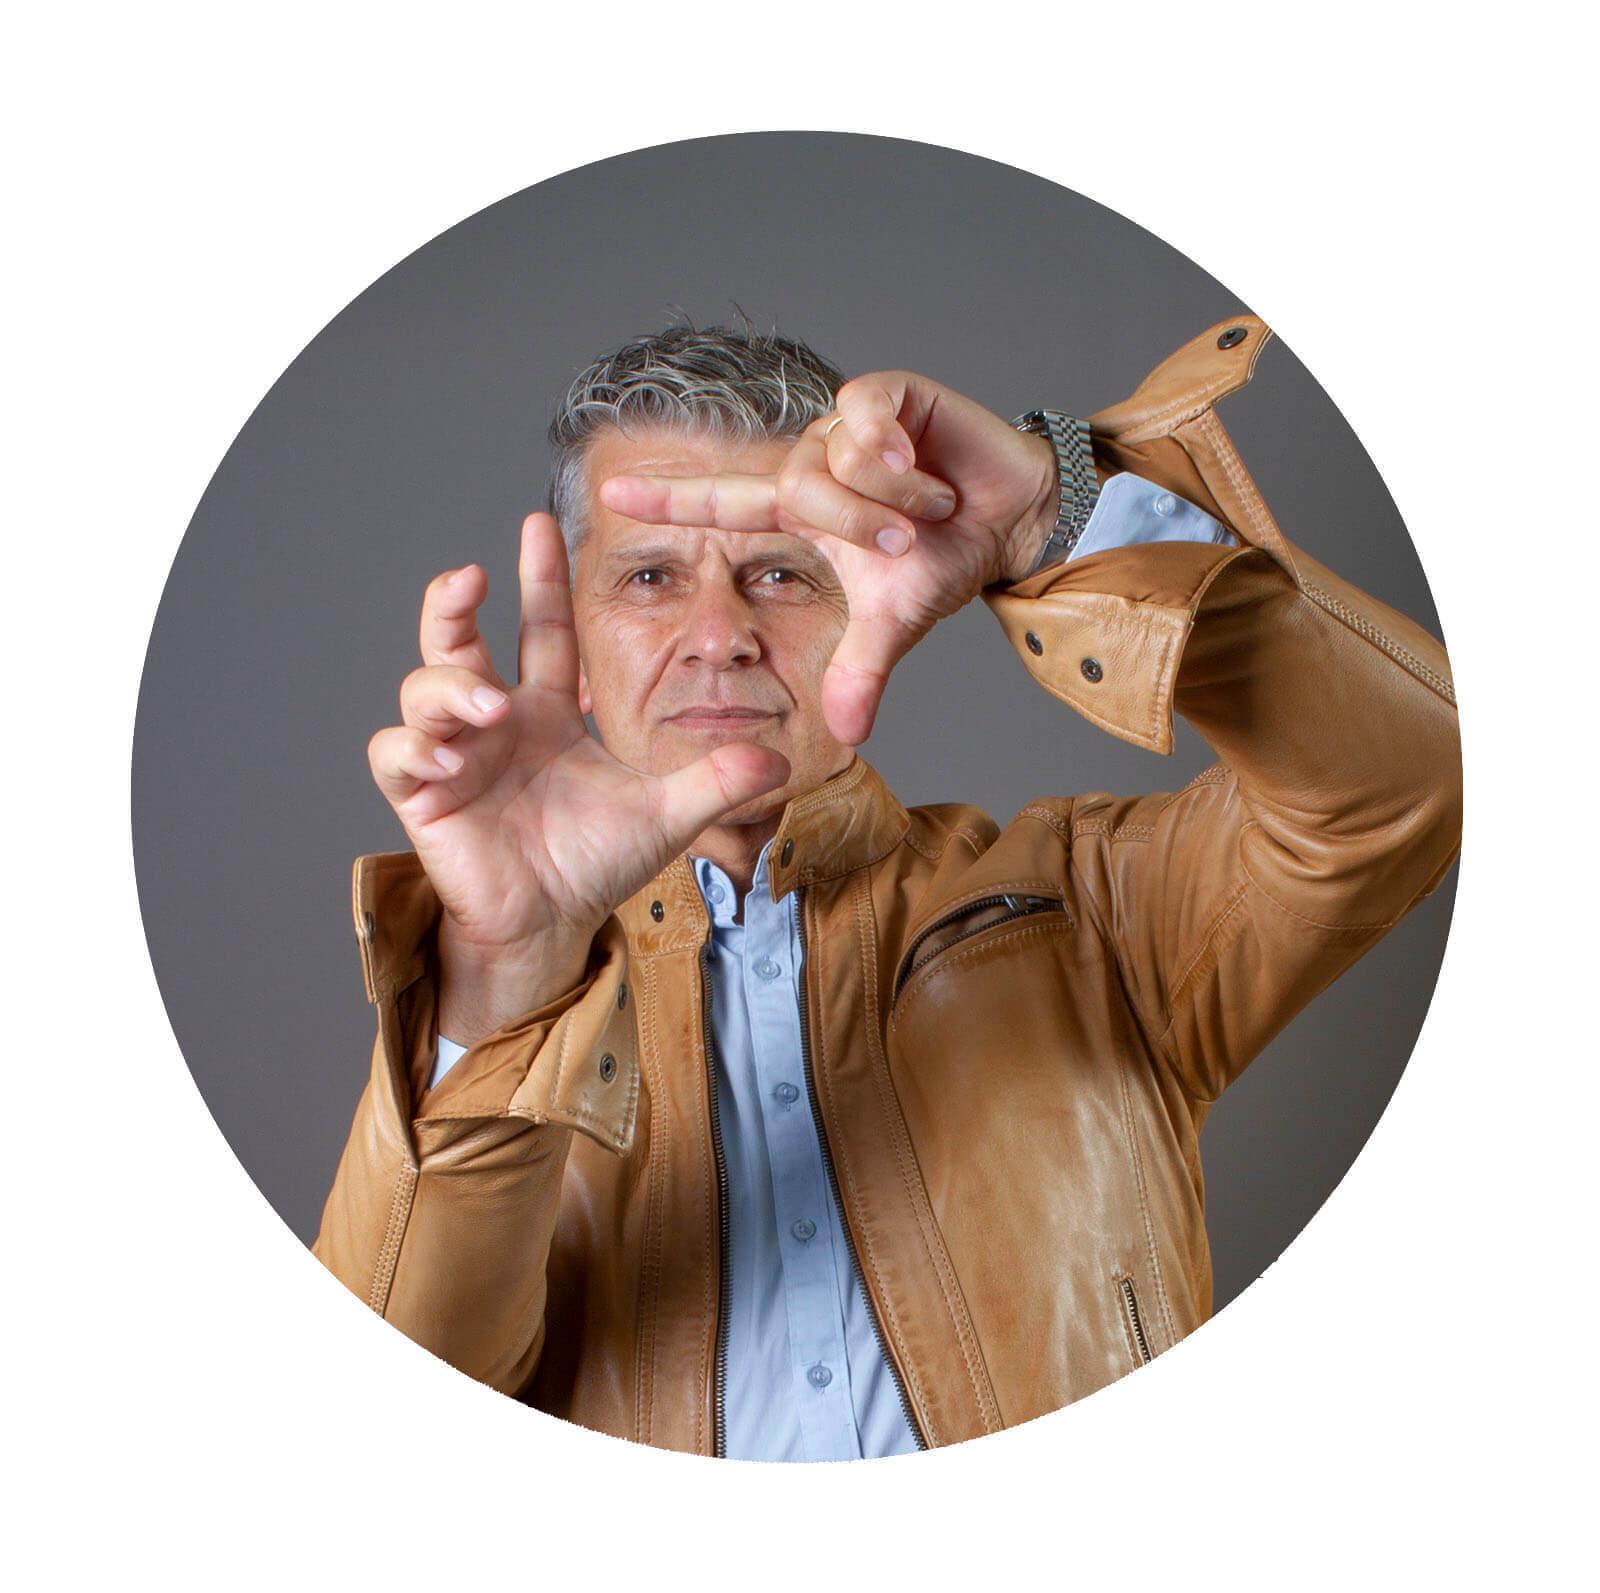 Jean Laurenti